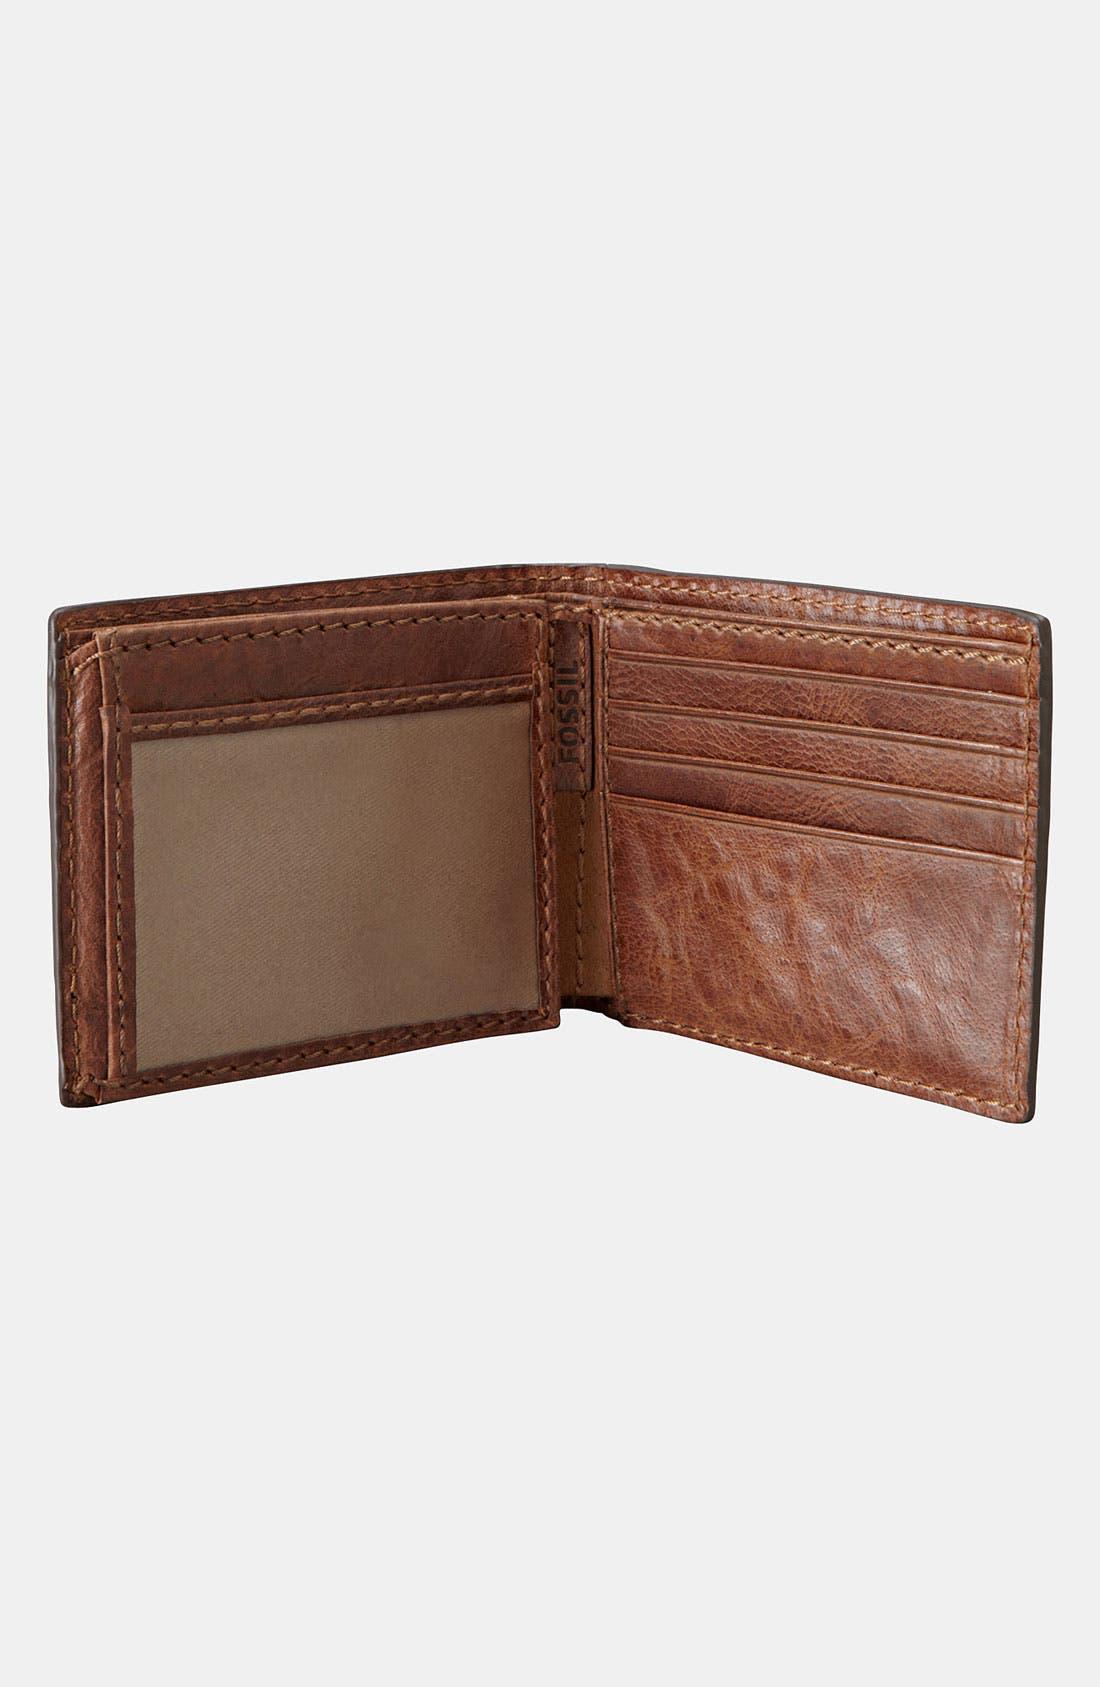 Main Image - Fossil 'Haden' Traveler Wallet